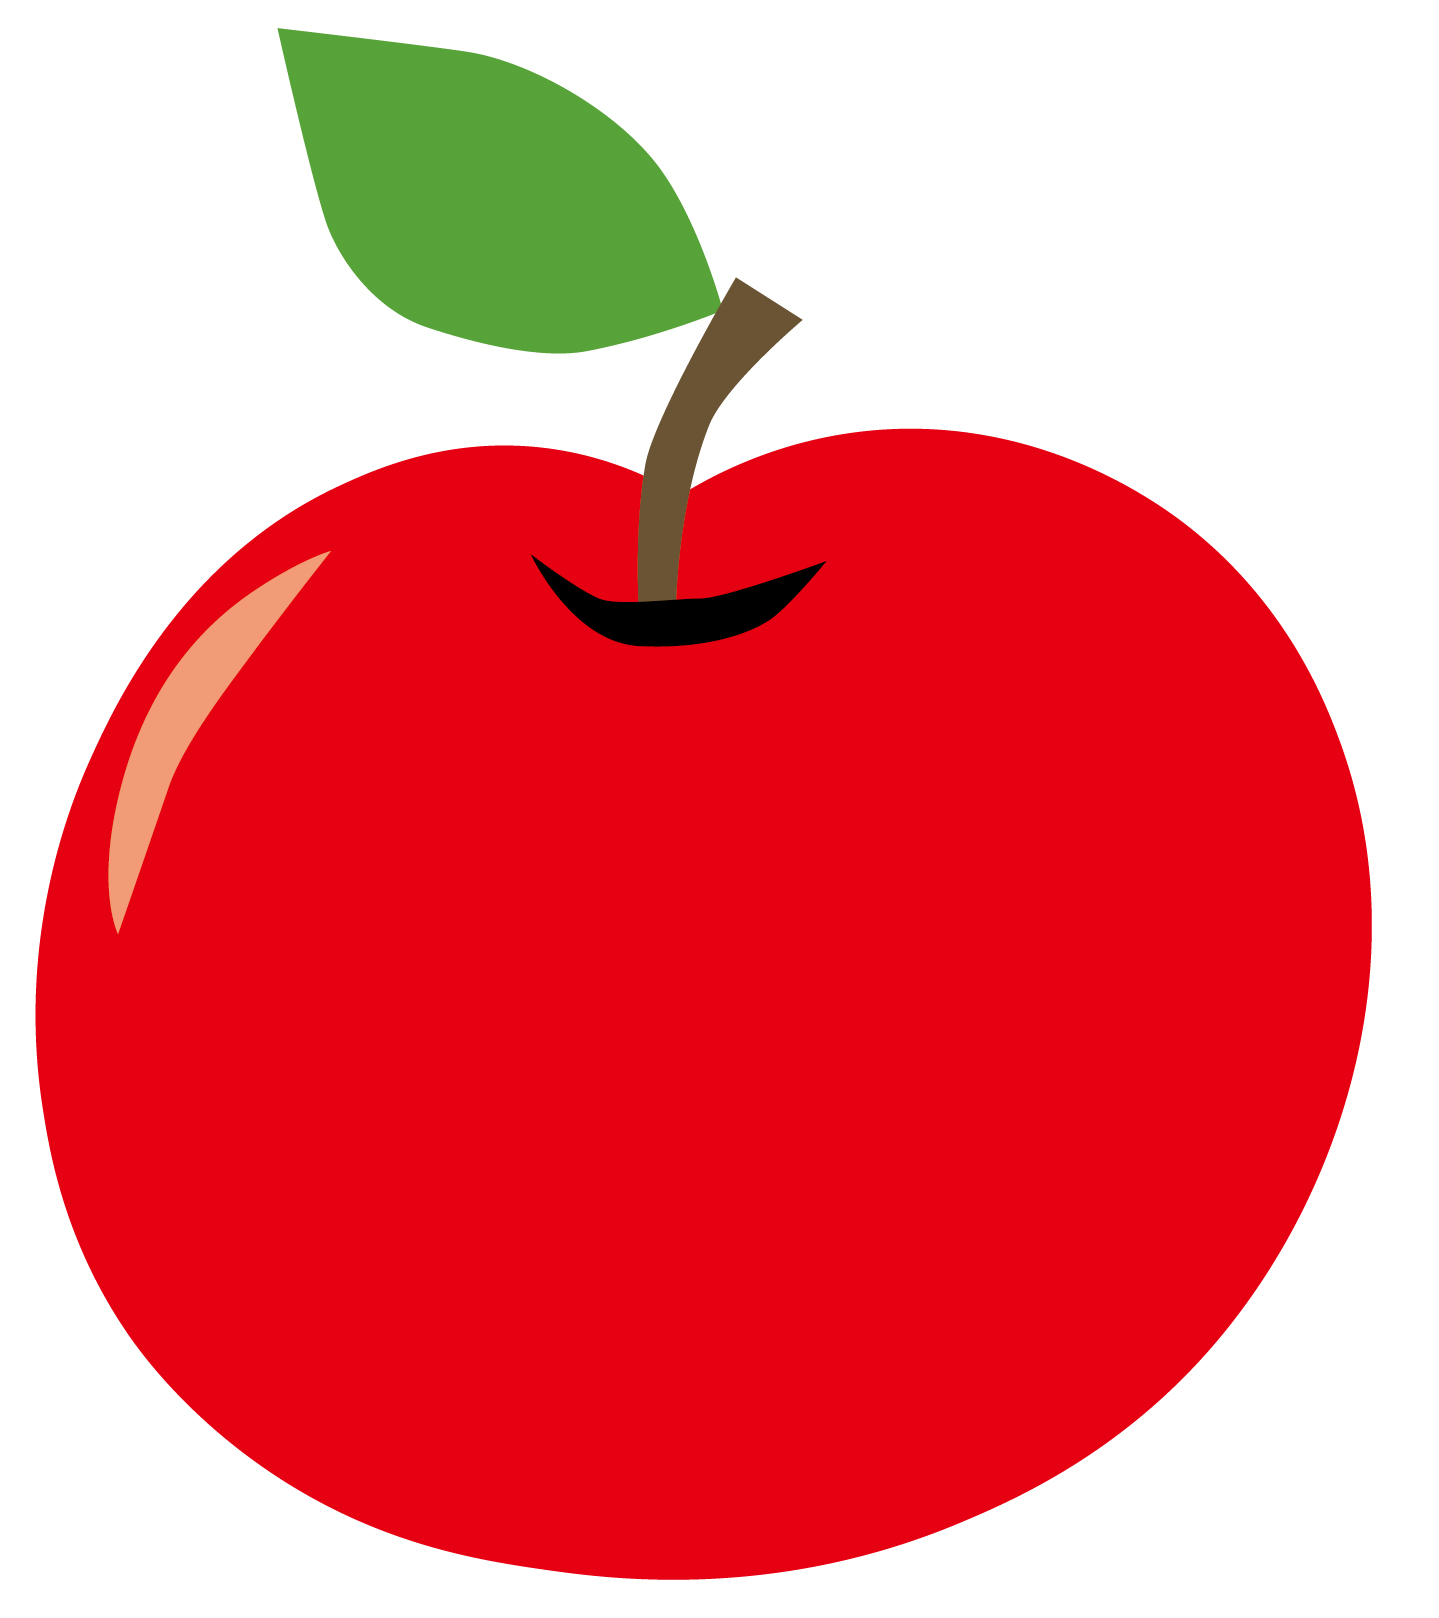 りんご←こいつが果物界で天下取った理由